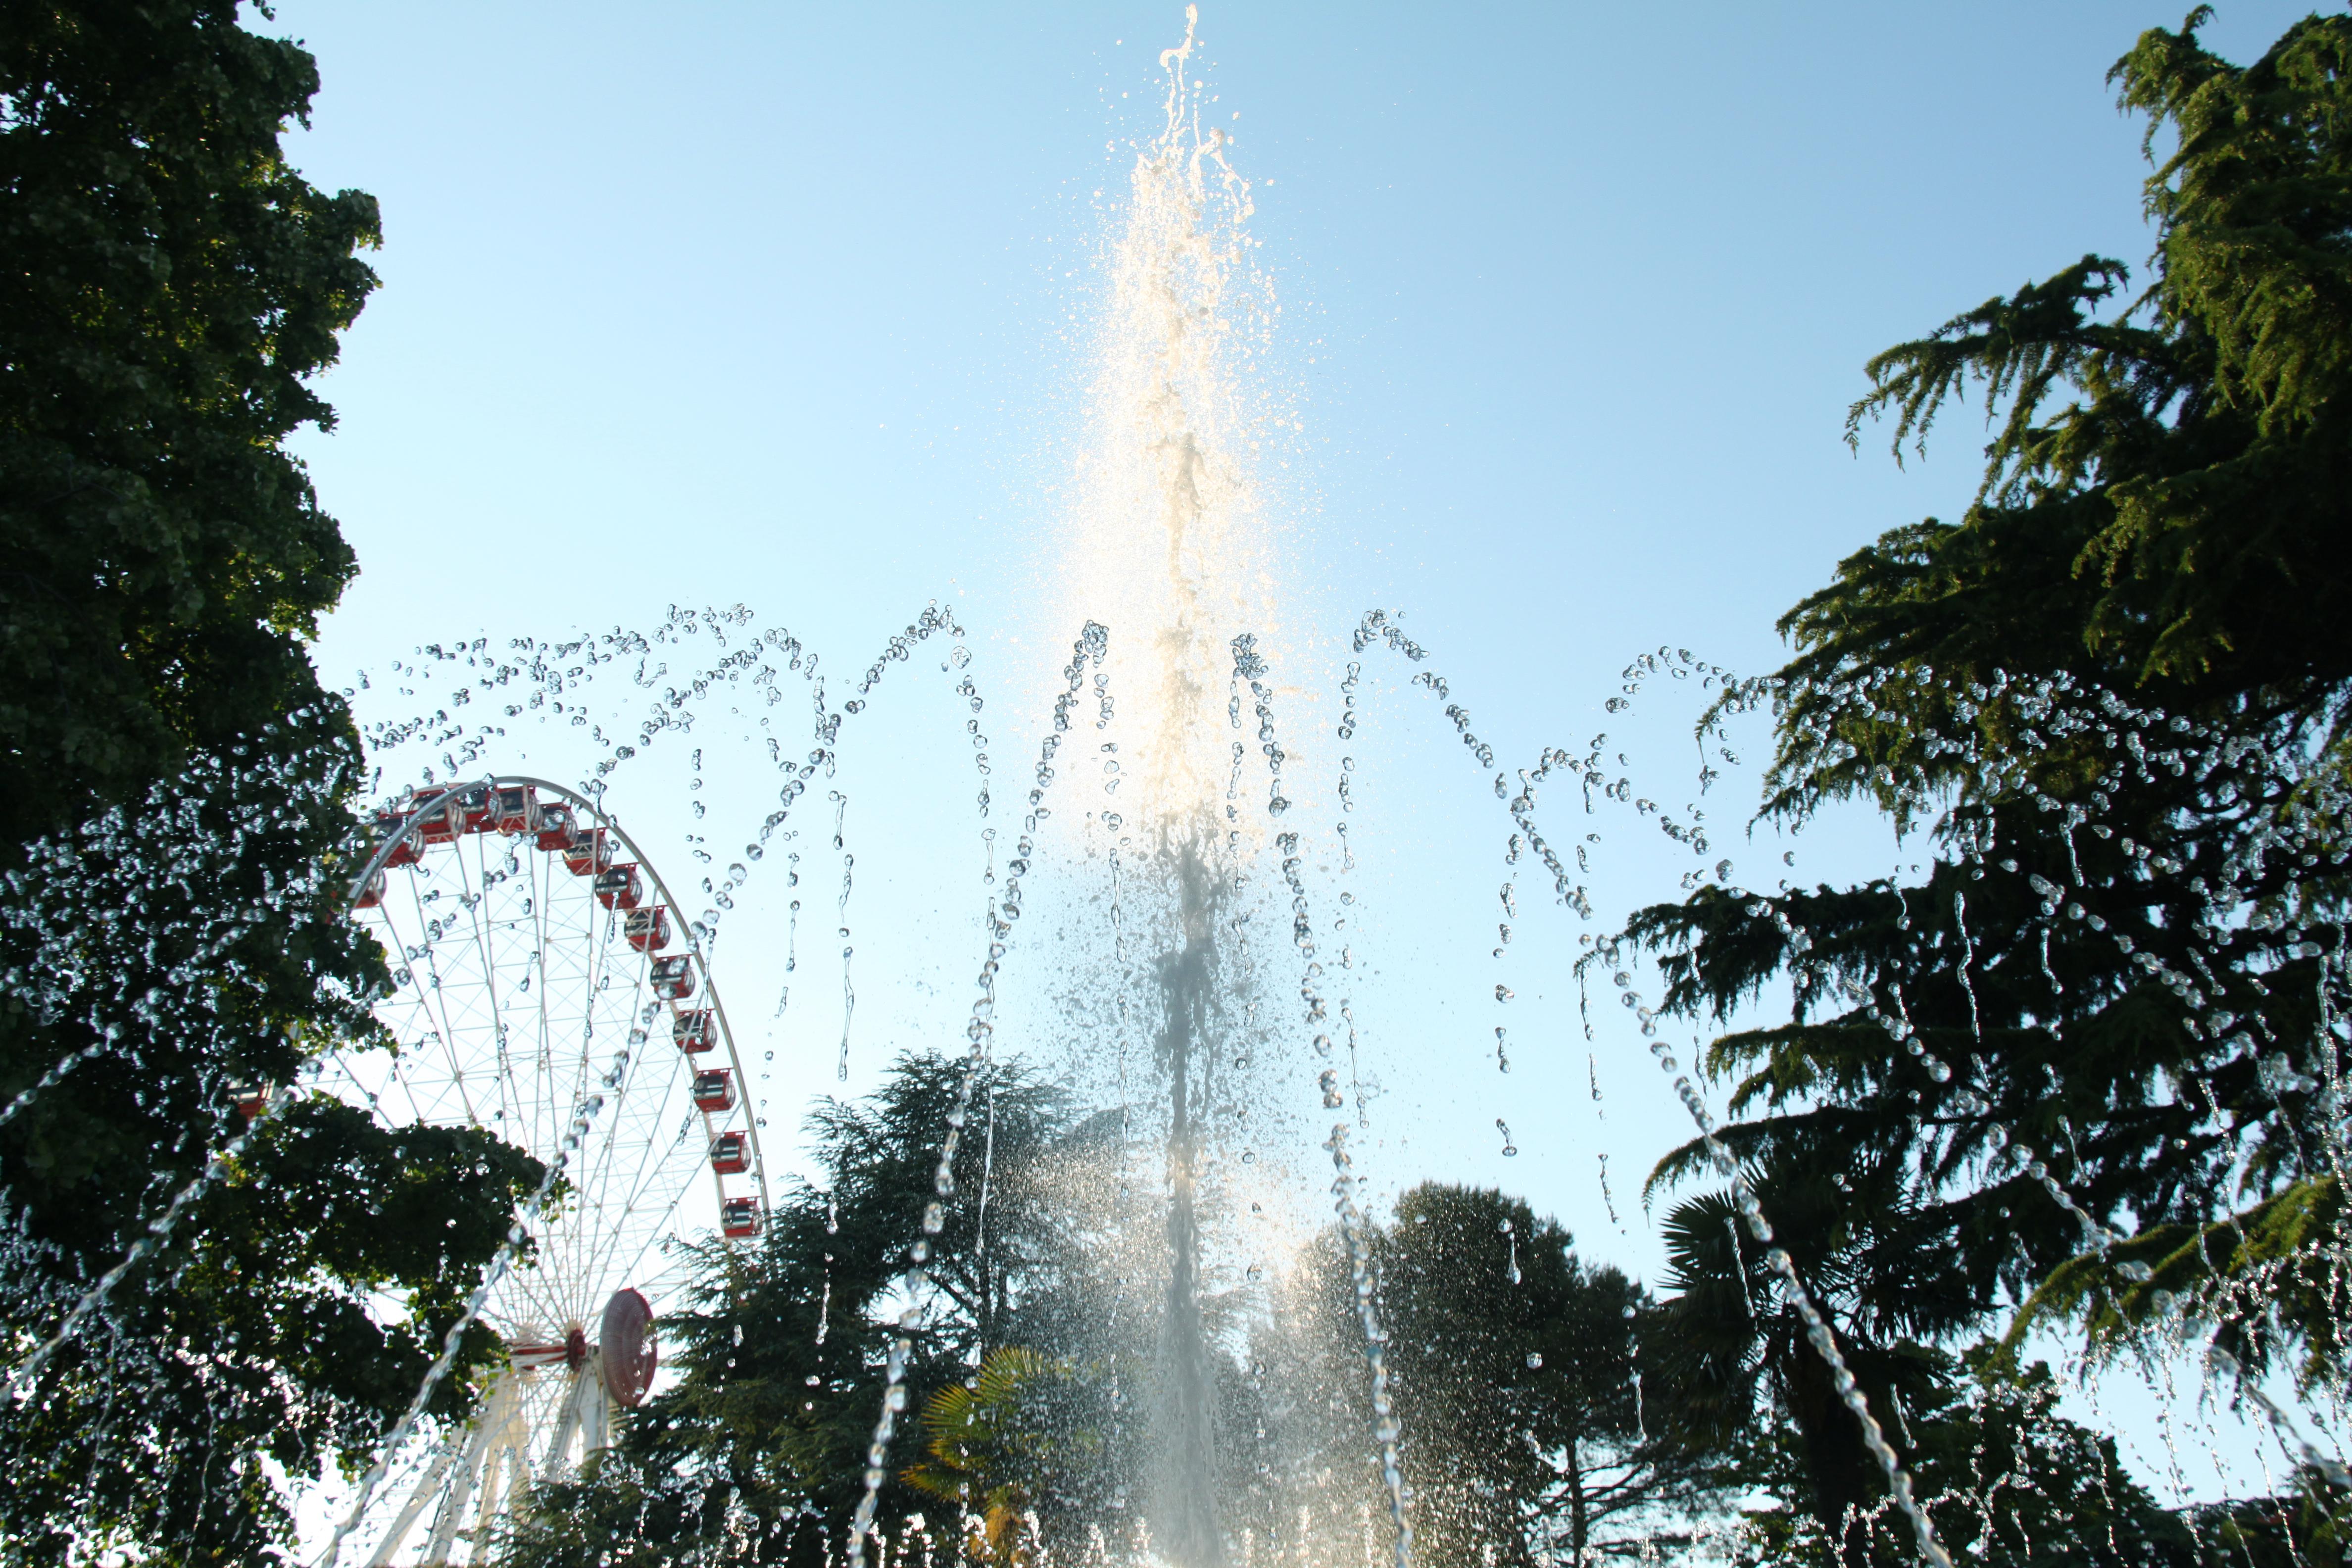 forme-dacqua_restauro-fontana-piazza-brescia-8